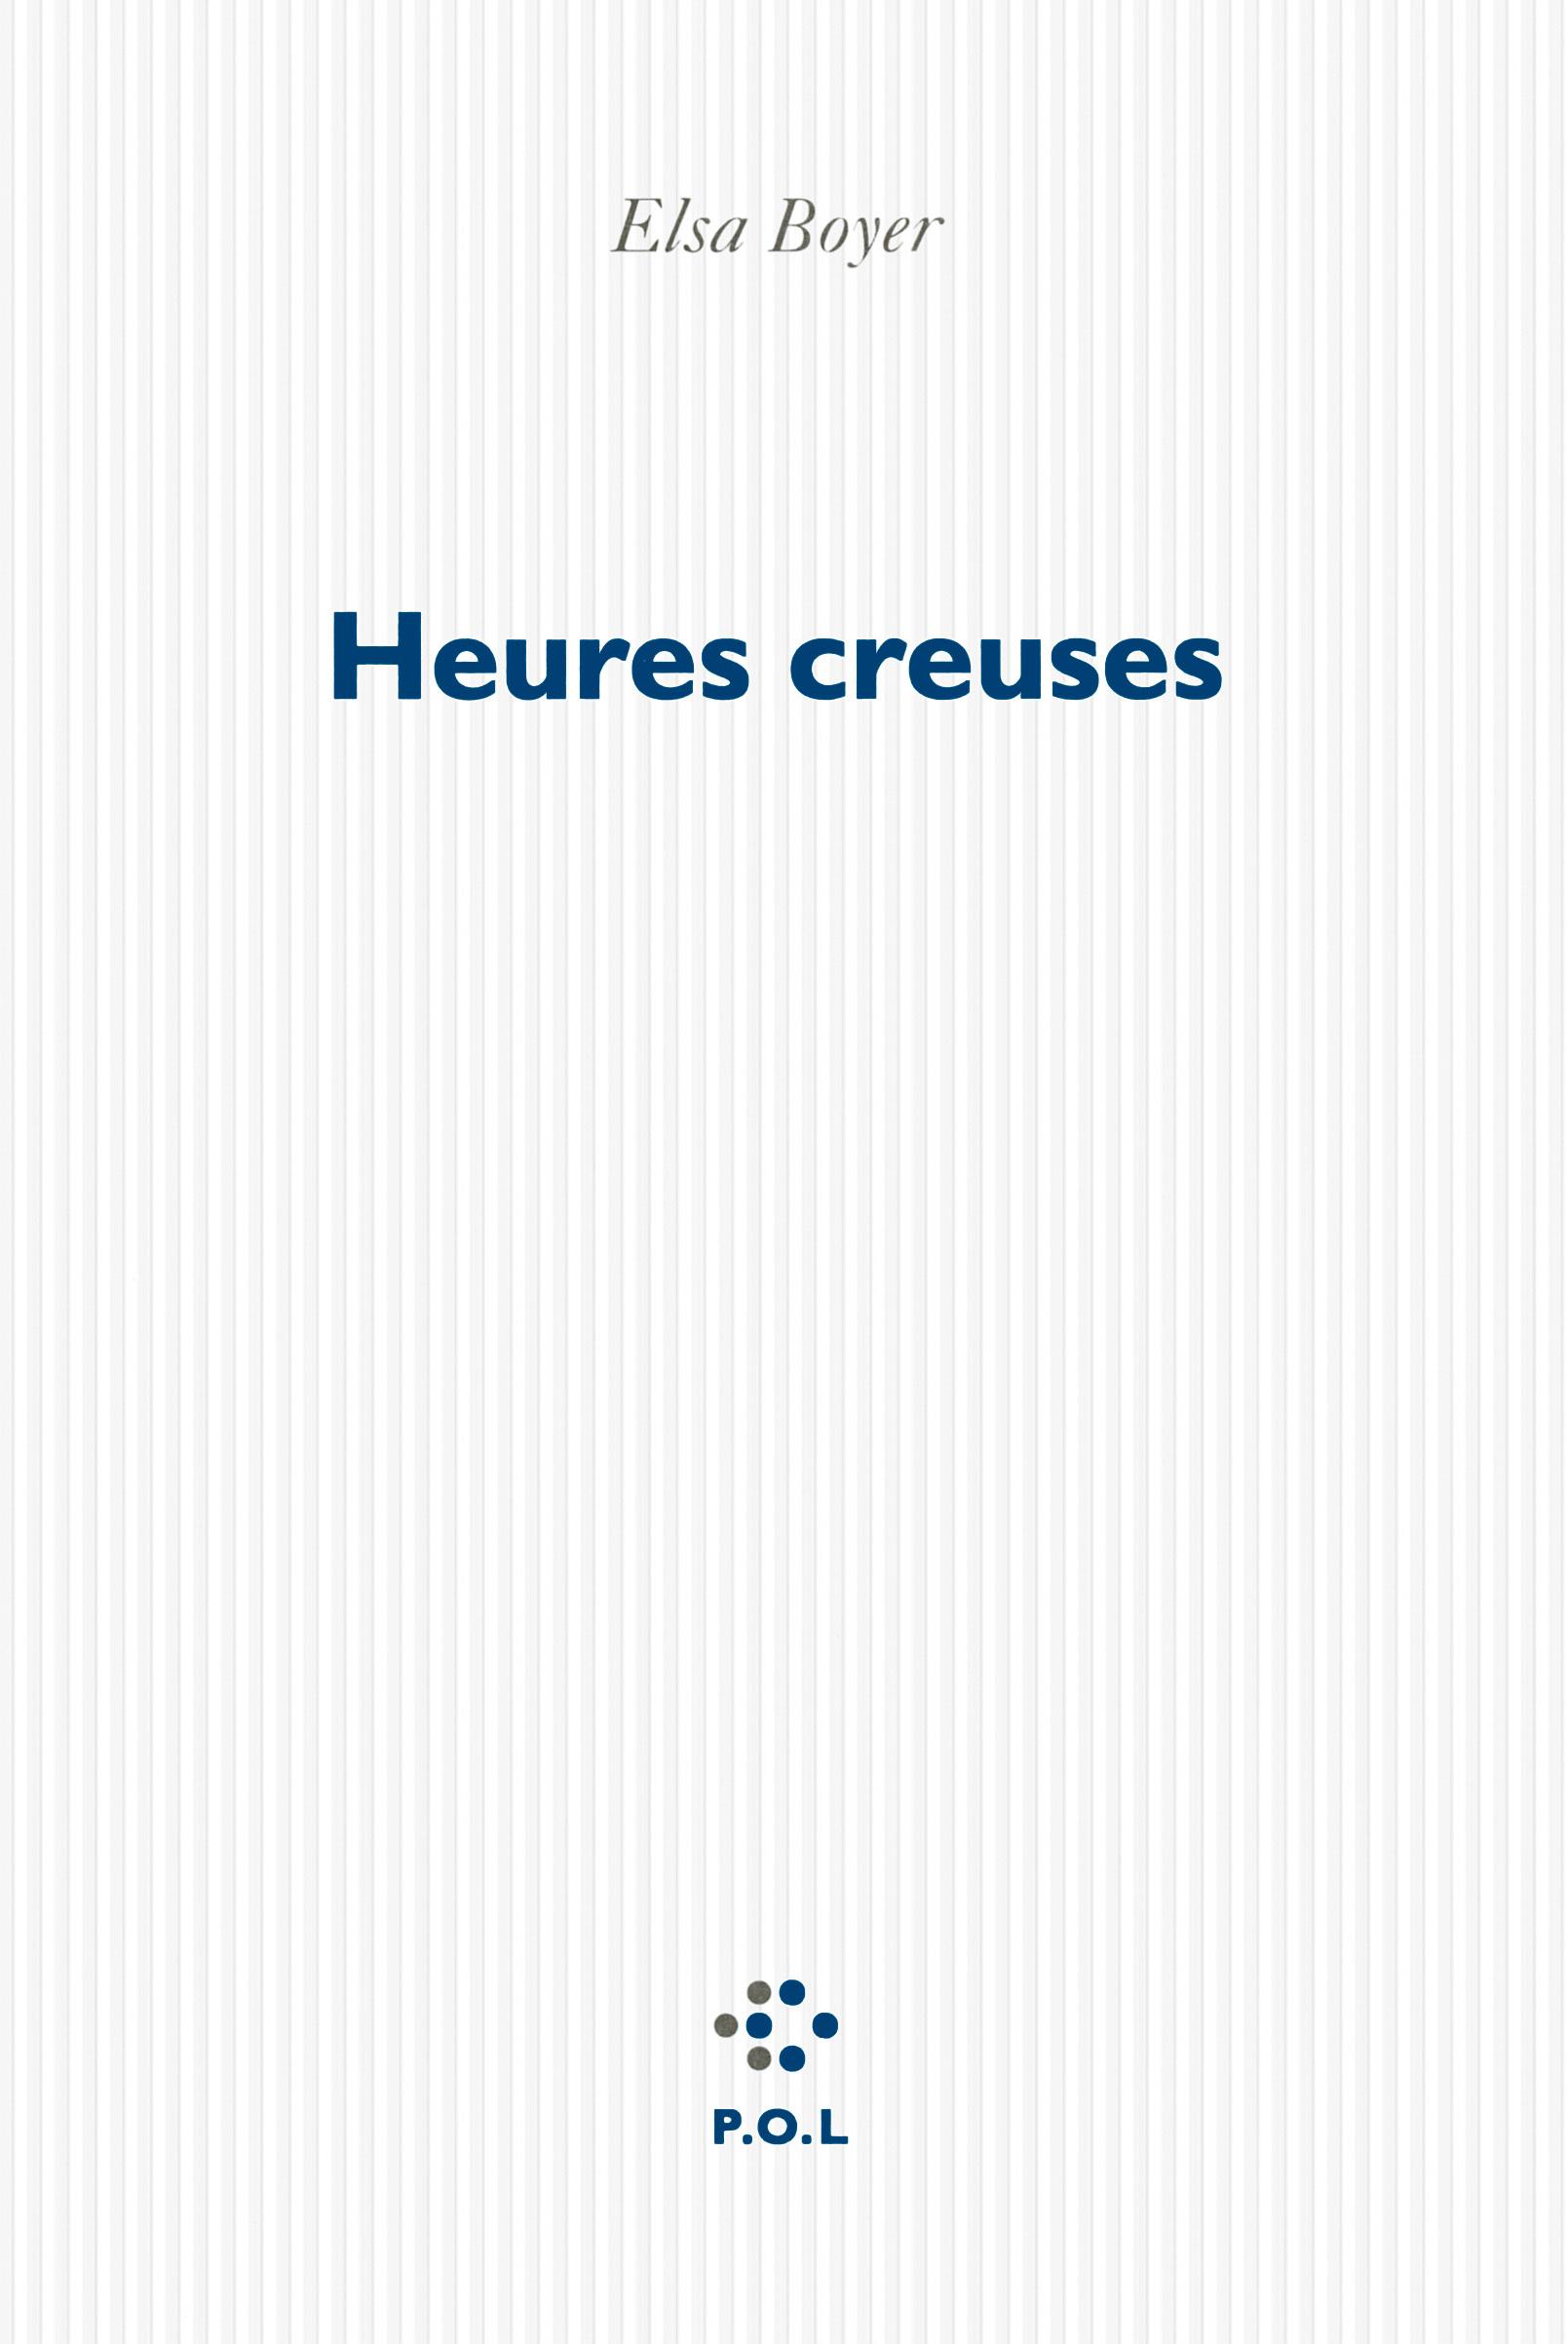 HEURES CREUSES